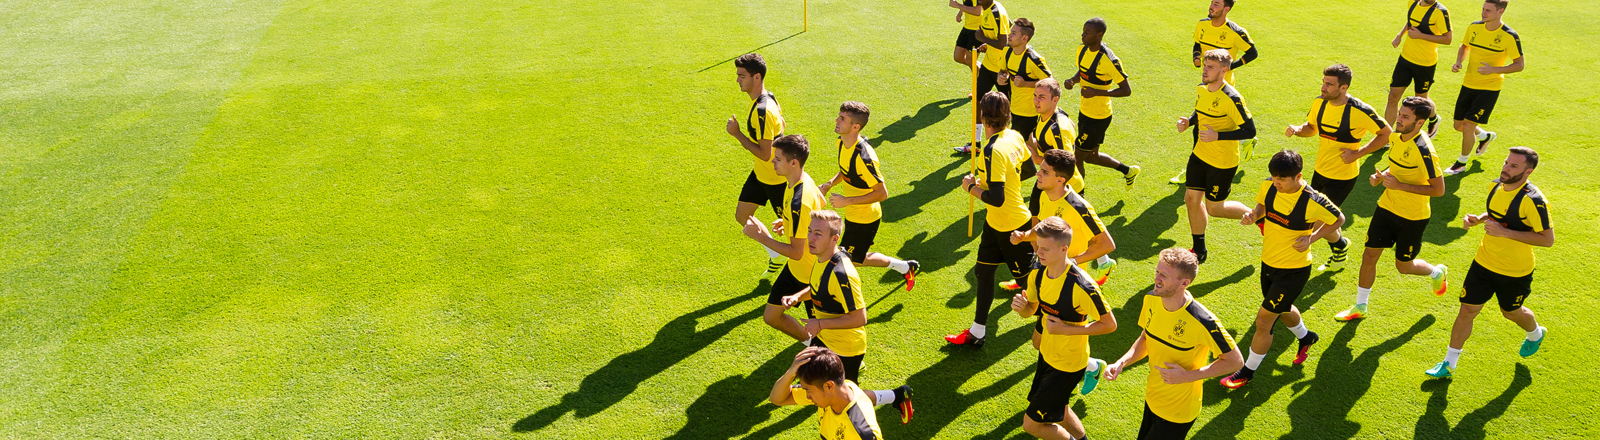 Bundesliga, Trainingslager Borussia Dortmund am 04.08.2016 in Bad Ragaz, Schweiz. Die Spieler von Borussia Dortmund laufen Ihre erste Runde über den Platz.